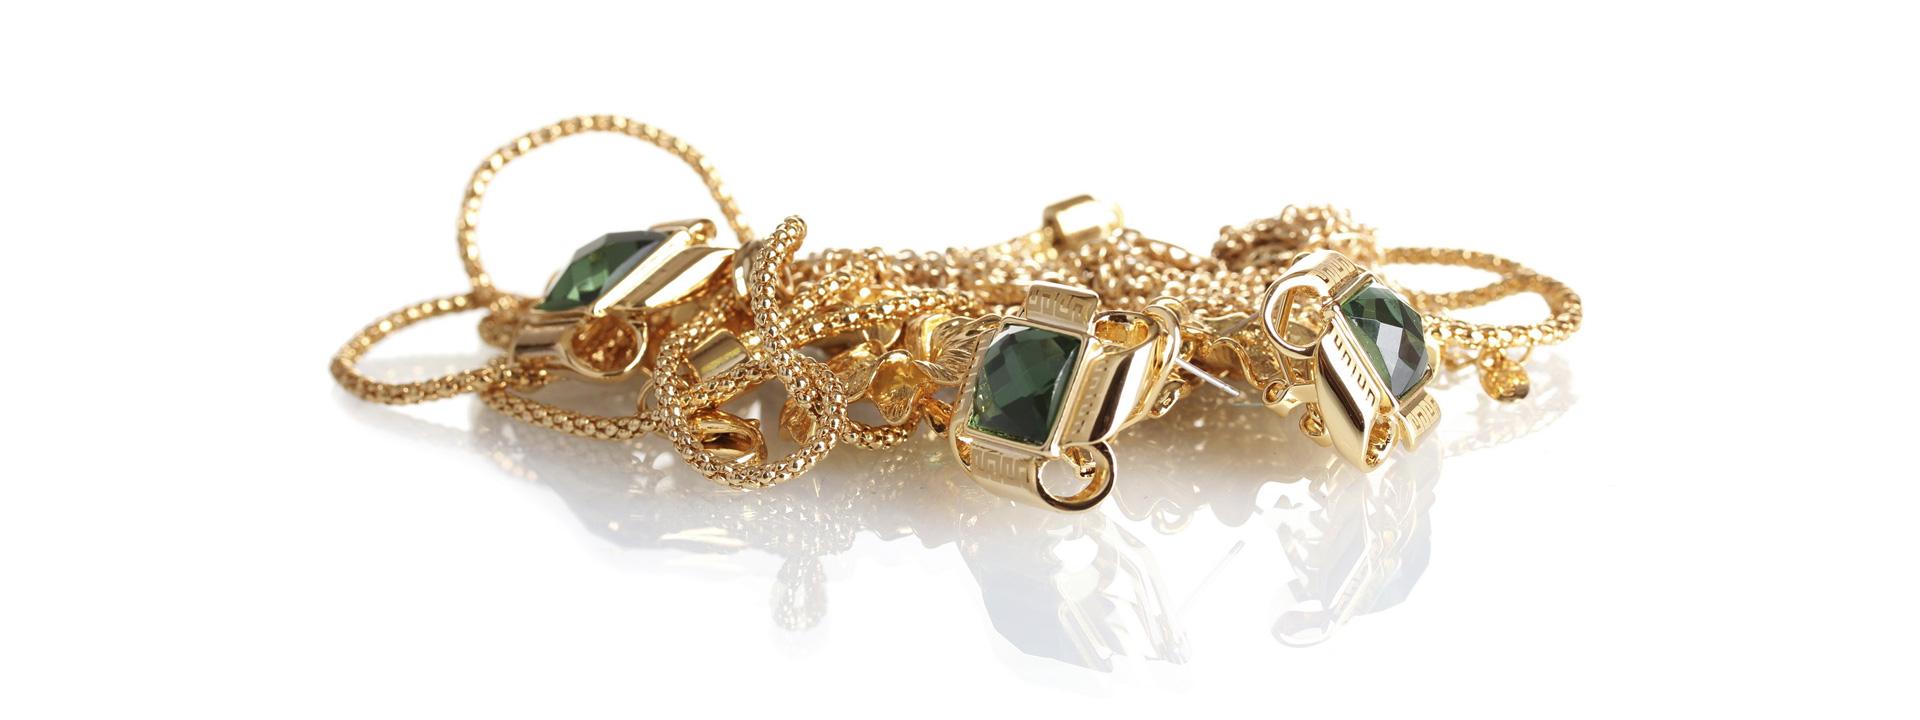 שרשרת זהב אמיתי או מצופה? איך נבדיל ומה נעדיף